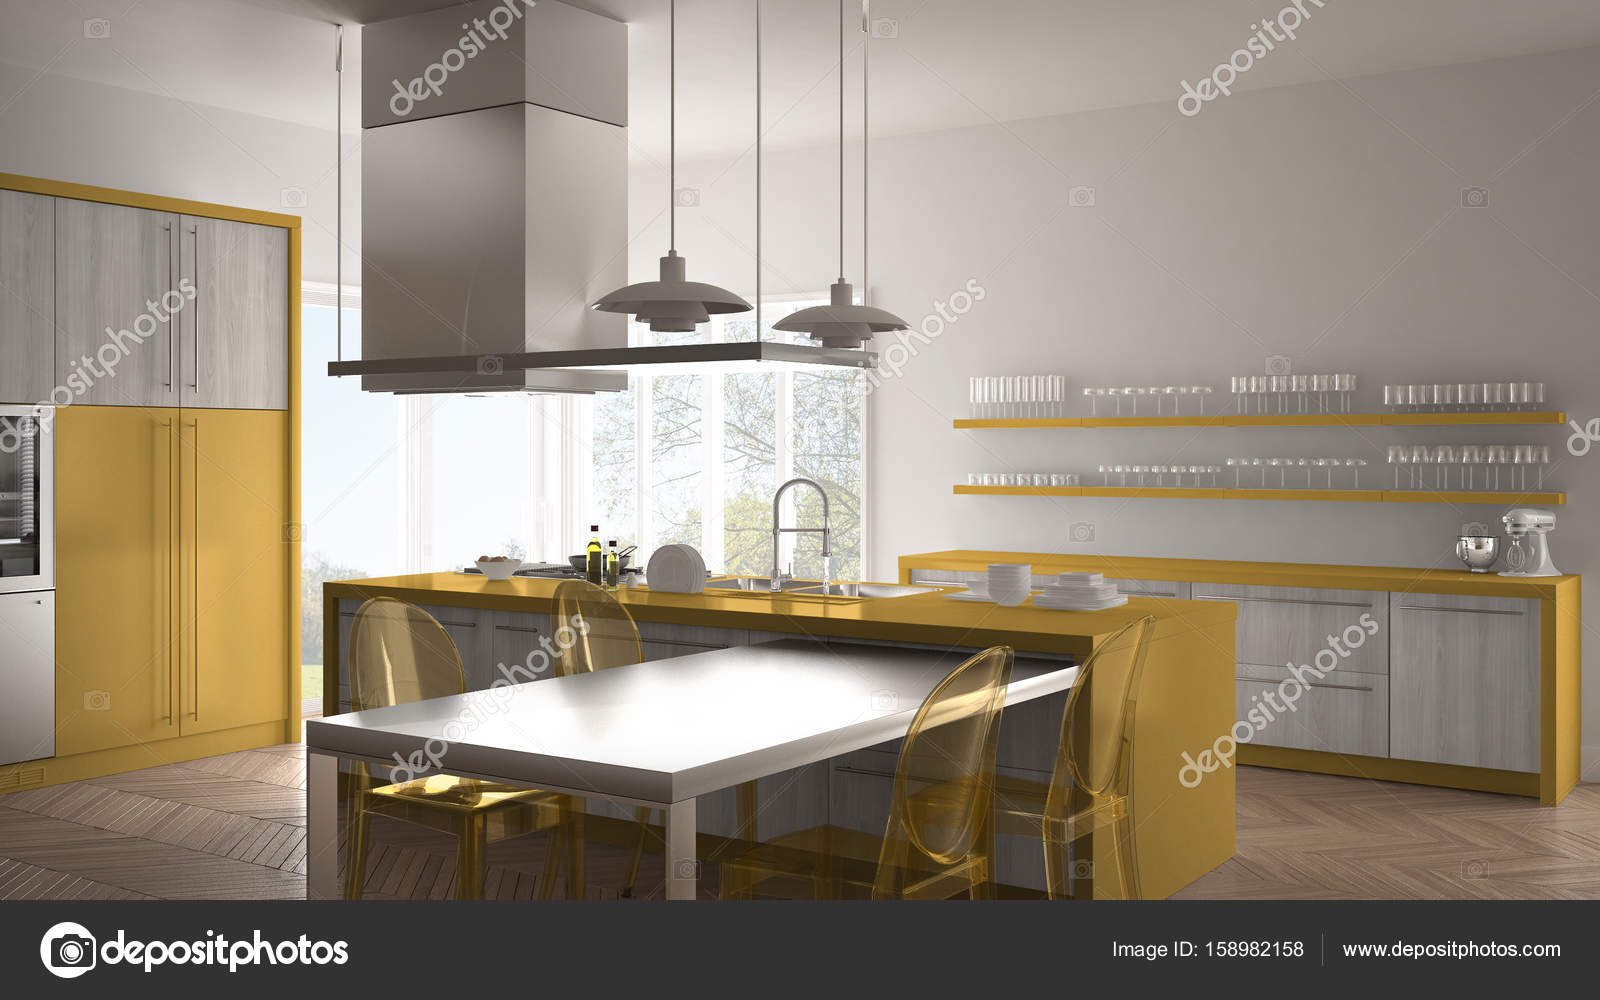 Minimalistische moderne keuken met tafel stoelen en parket vloer